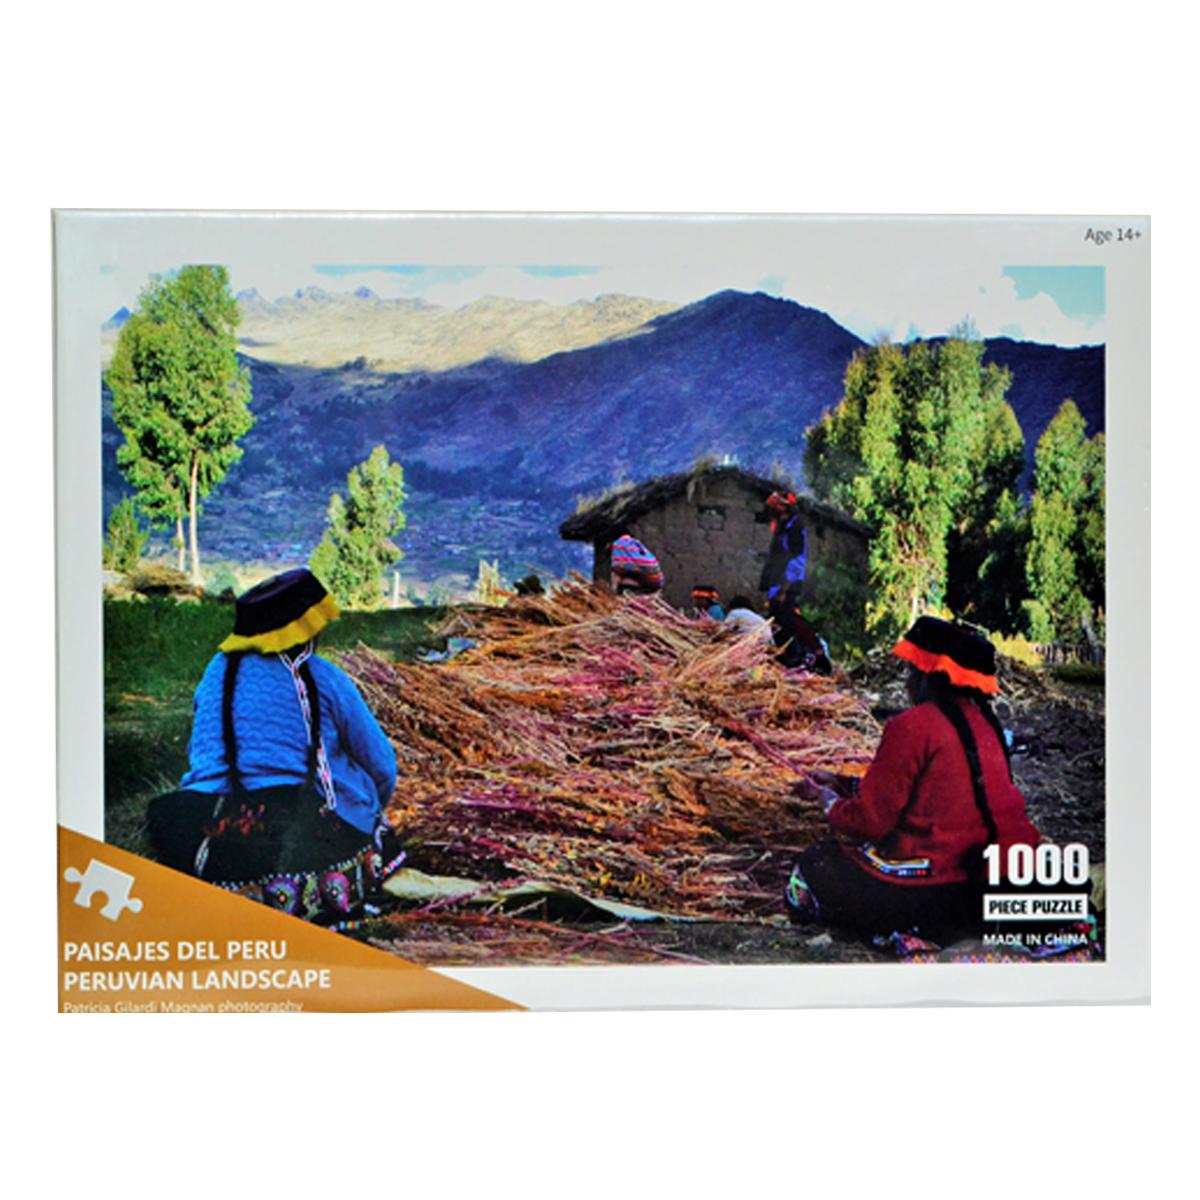 Pattilandia 1000 pzs. Gilardi, Sierra